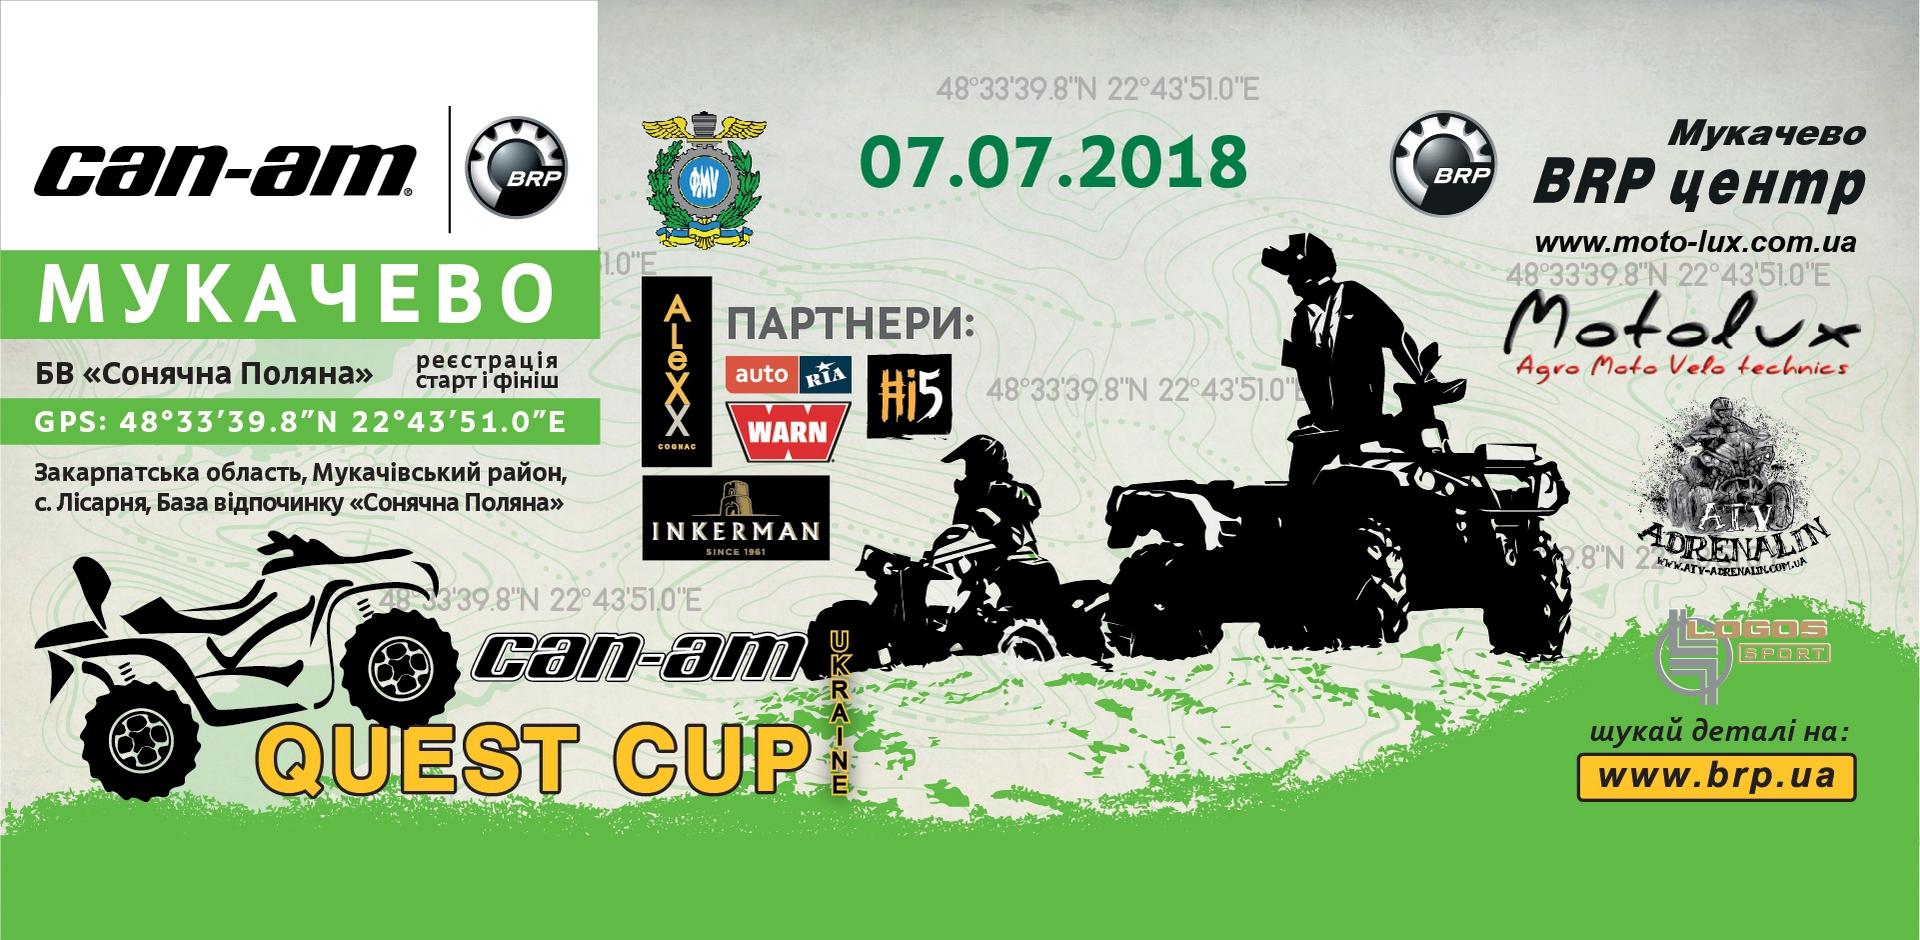 Серия «CAN-AM QUEST CUP 2018»! 7 июля – четвертый этап – Мукачево.